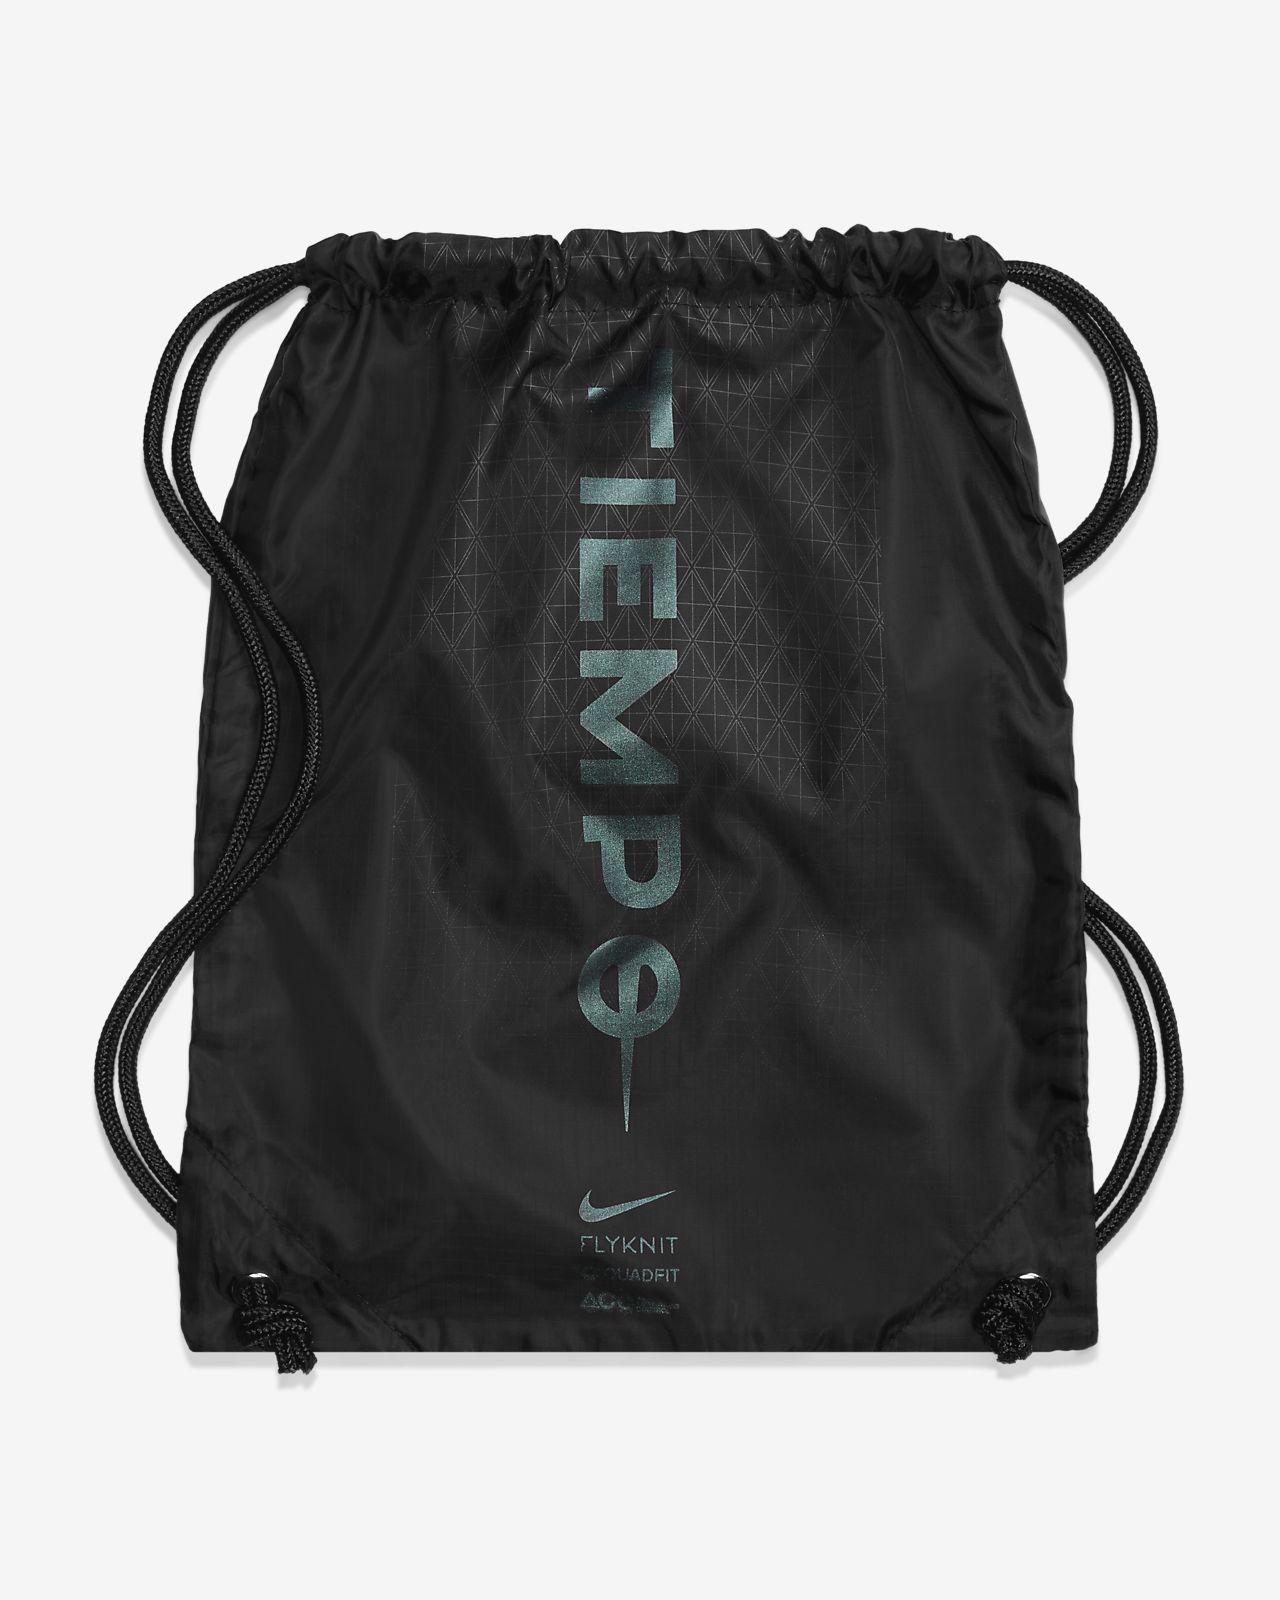 Norway Flag Crackled Design Messenger Bag